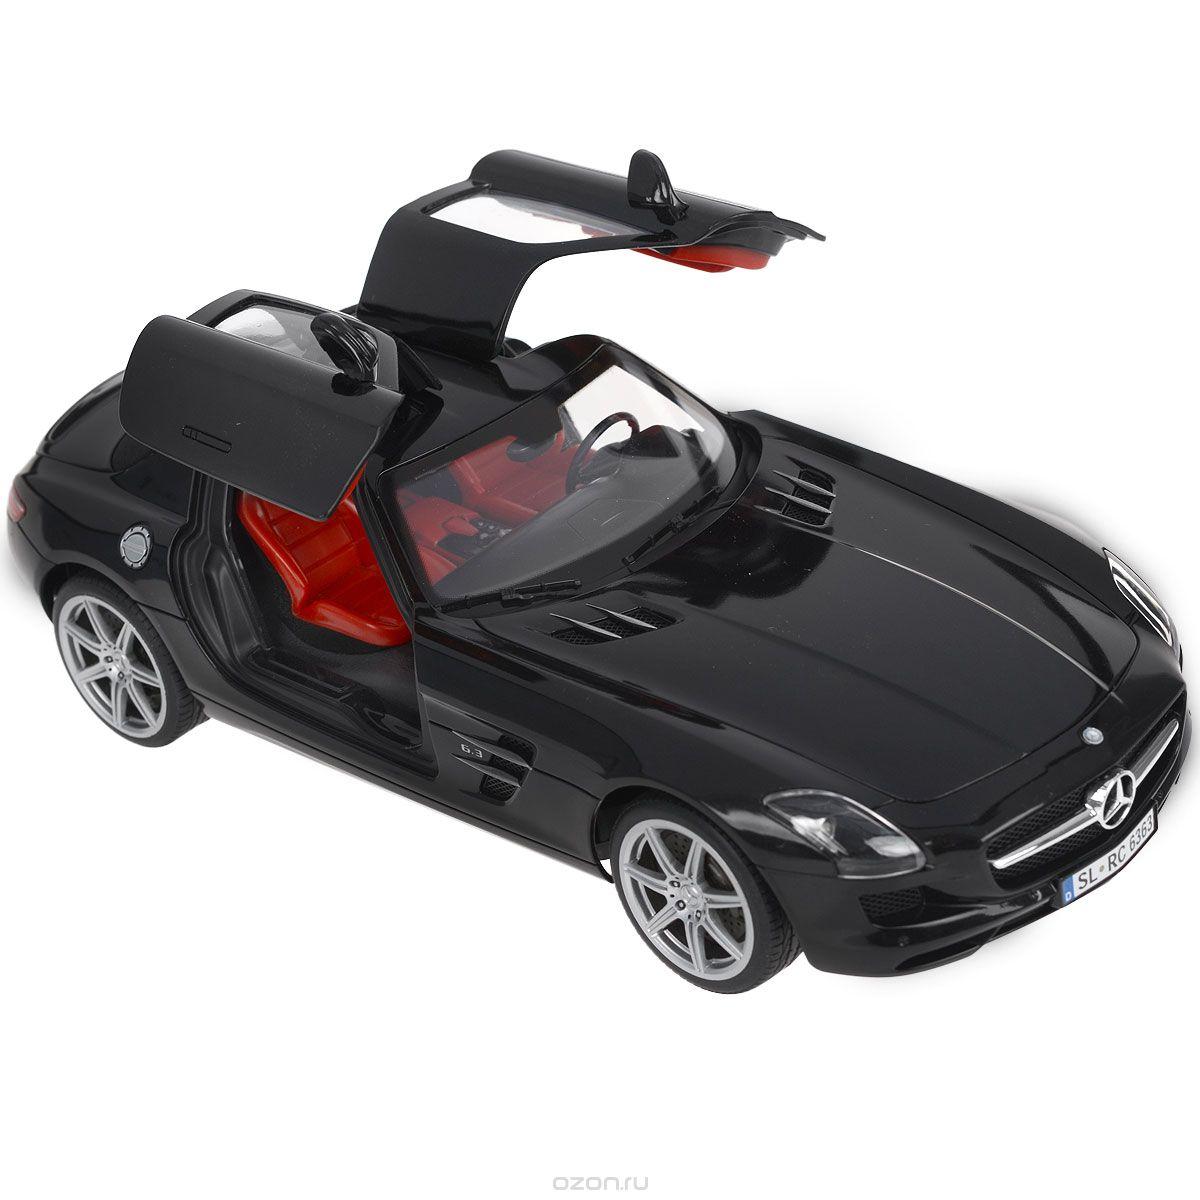 """Радиоуправляемая модель Silverlit """"Машина Mercedes-Benz"""" со световыми и звуковыми эффектами непременно понравится не только ребенку, но и взрослому. Модель представляет собой точную копию машины Mercedes-Benz черного цвета в масштабе 1:16. Машина работает путем управления через BlueTooth, а своеобразным пультом послужит ваш iPod, iPad или iPhone. Скачайте специальное программное обеспечение на ваше электронное устройство, и вы готовы к гонке! Машина может двигаться во всех направлениях. Управление происходит с помощью кнопок, отображающихся на экране вашего iPod, iPad или iPhone в руках, а также путем простого поворота электронного устройства в руках. Путь машины отображается на экране устройства, что создает впечатление реального присутствия в салоне. Машина способна воспринимать сигнал даже вне поля видимости устройства, что позволяет игроку объезжать различные препятствия. Функция подсветки фар, габаритных огней, поворотников и стоп-сигналов и реалистичные звуки..."""